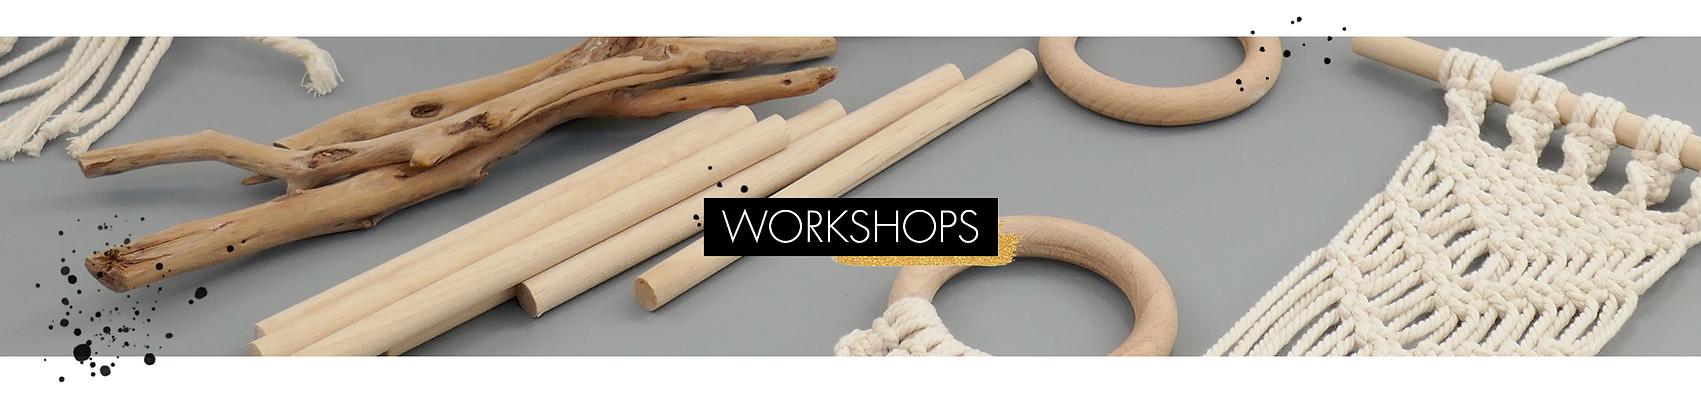 header workshops OK.png